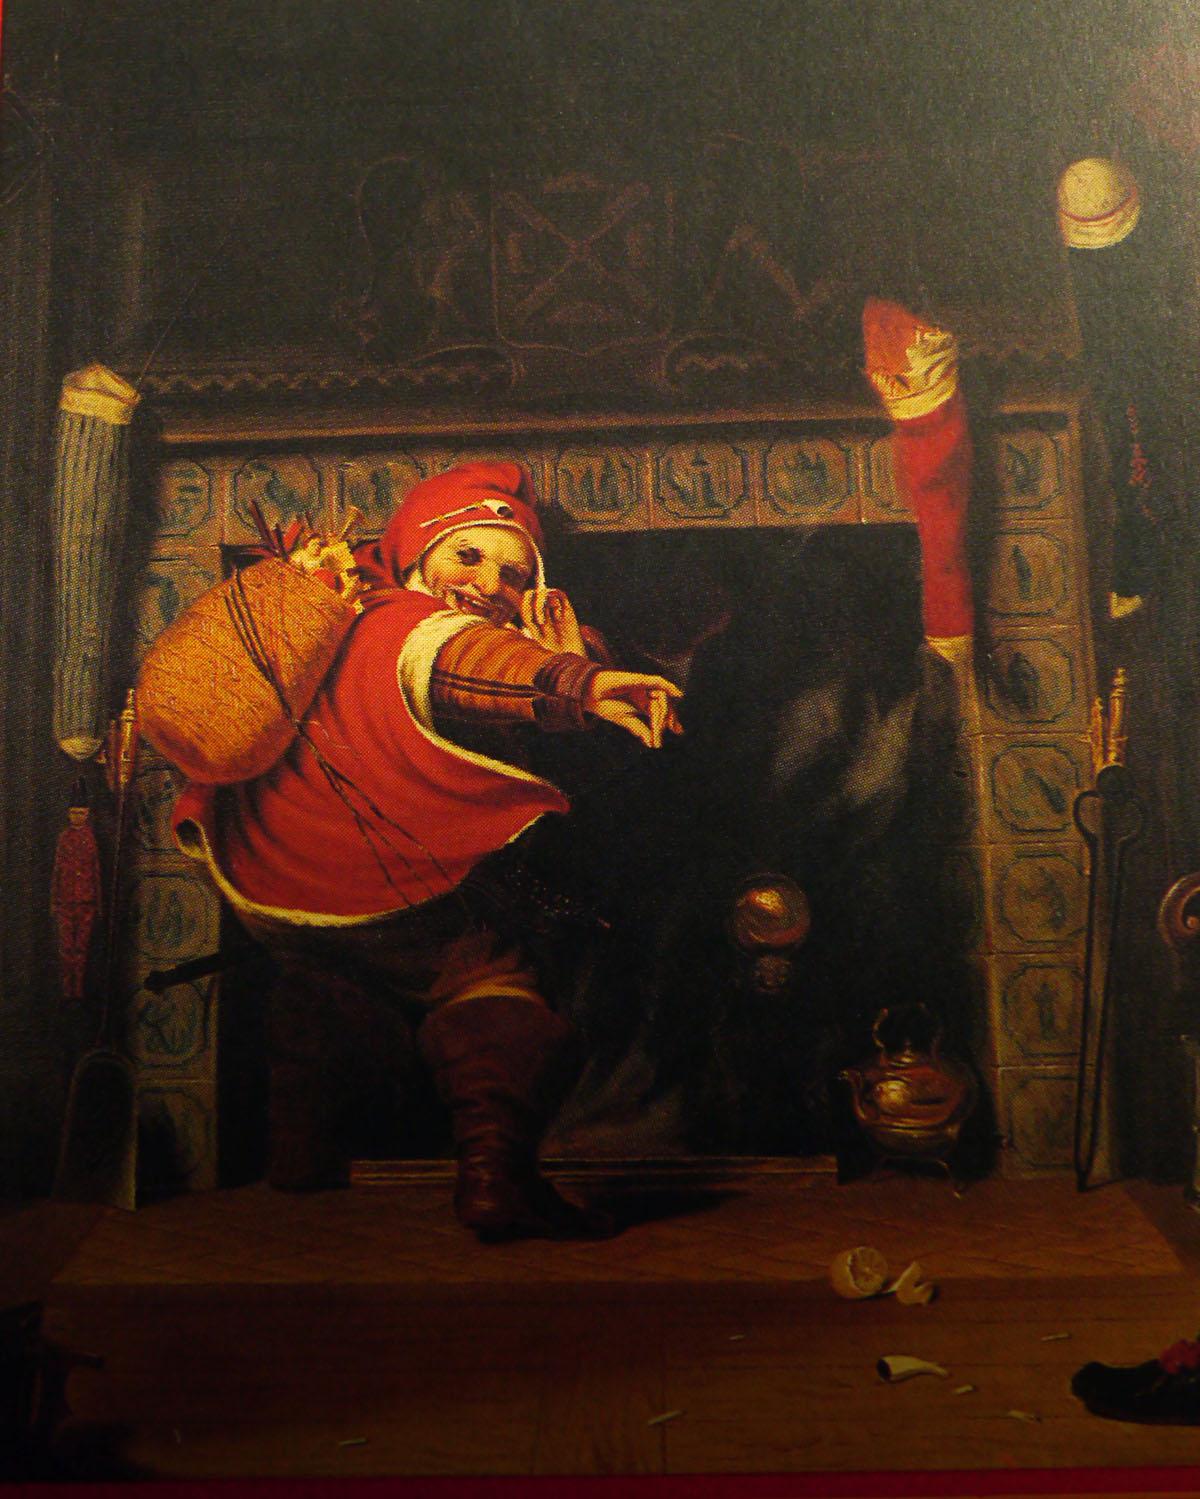 """Robert Walker Weir, """"Santa Claus, or St. Nicholas"""", West Point 1837. Schilderij zou een traditionele Nederlandse """"Santa Claus"""" uit Manhattan tonen in een scene compleet met onder andere Delfstblauwe tegels, het stadswapen van Nieuw-Amsterdam en het half aangevroten appeltje van oranje. (Eigen foto gemaakt van de omslag van James Kirk Paulding, Stories of Saint Nicholas, Syracuse University Press, 1995)"""